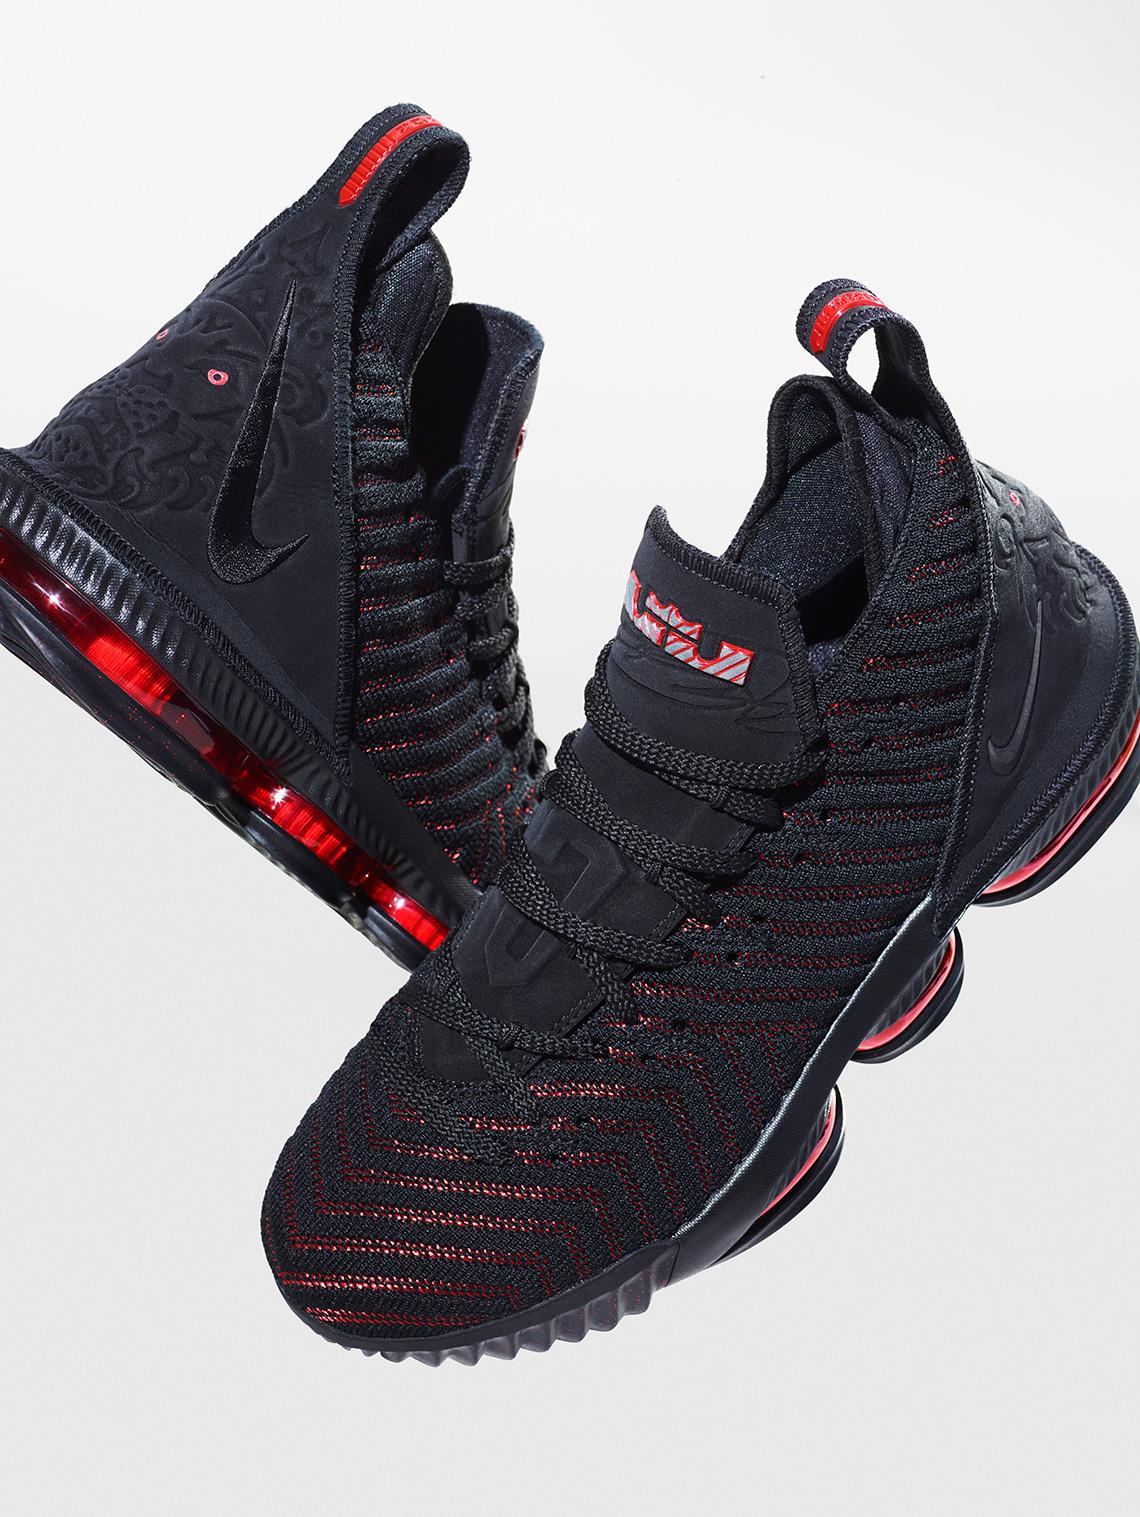 0ae4c024e6 Nike Lebron 16 Black Red Bred Fresh Bred